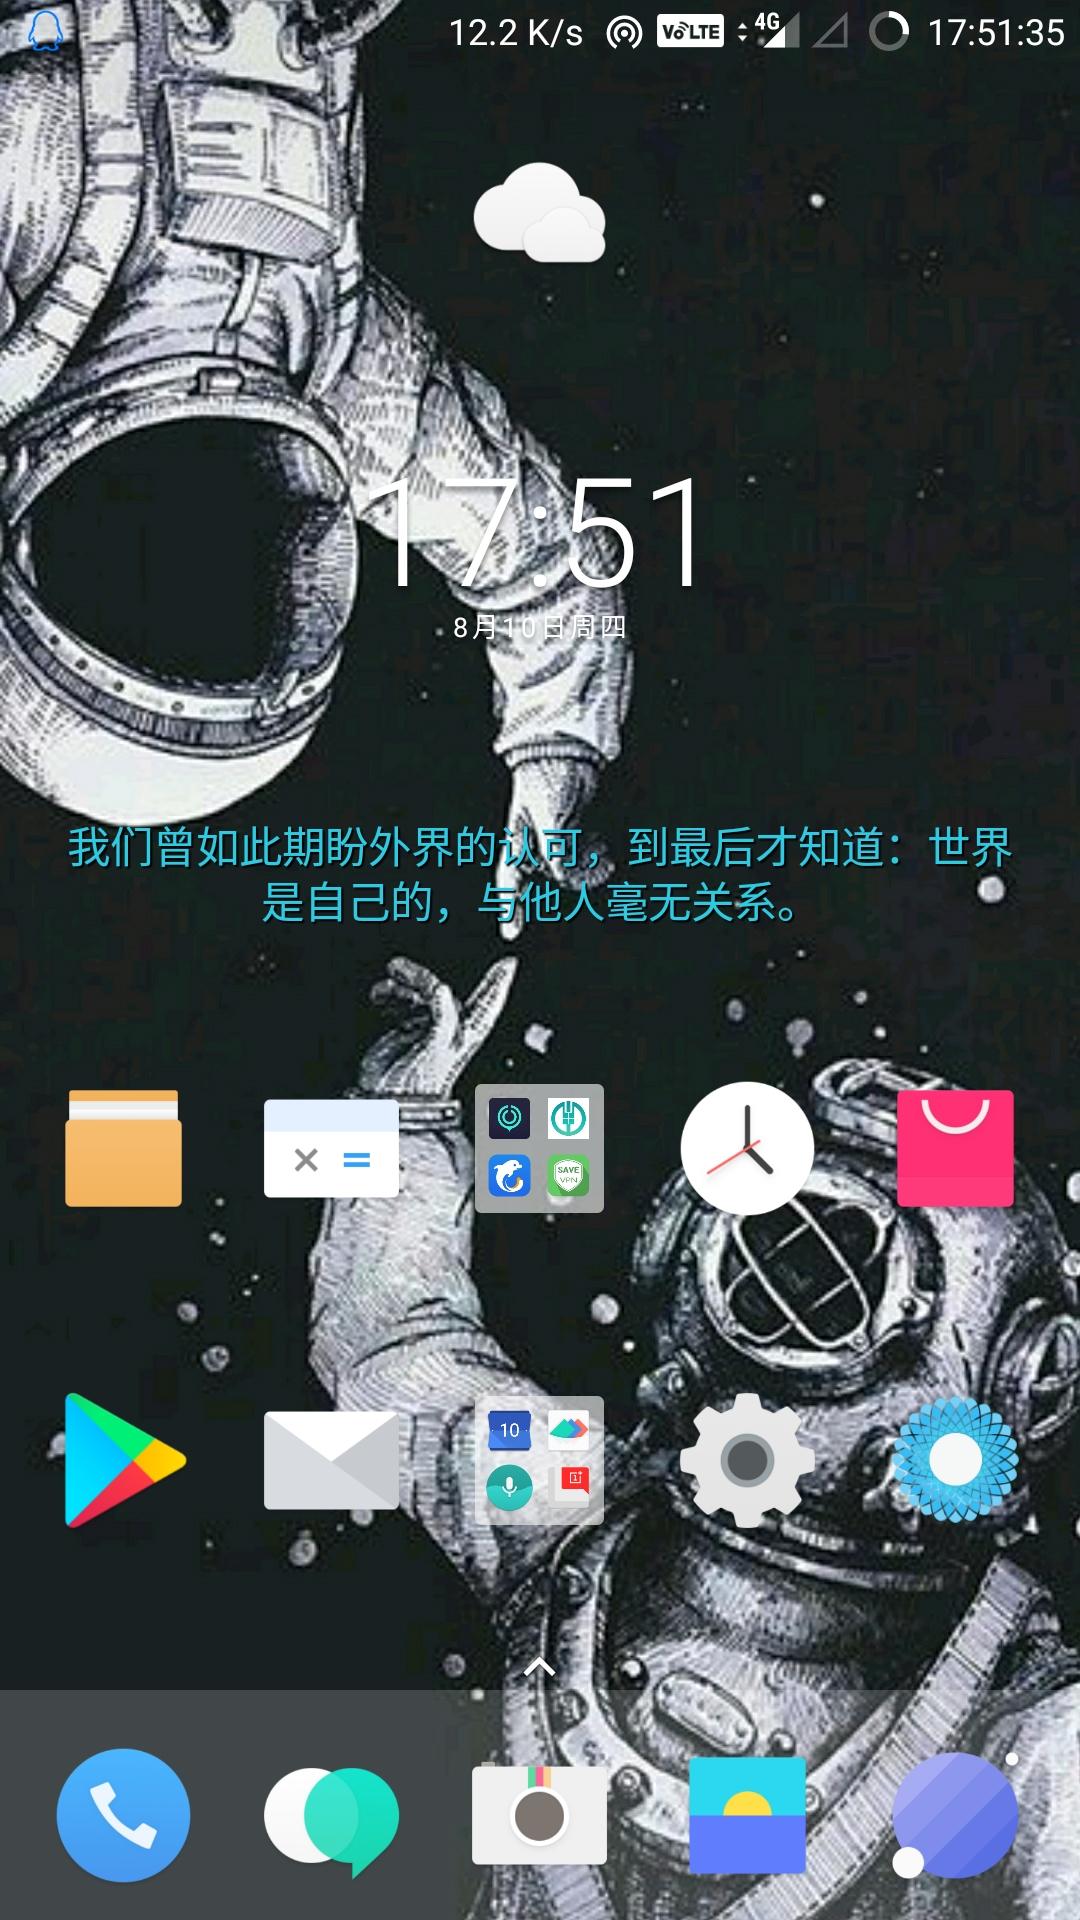 Screenshot_20170810-175136.jpg